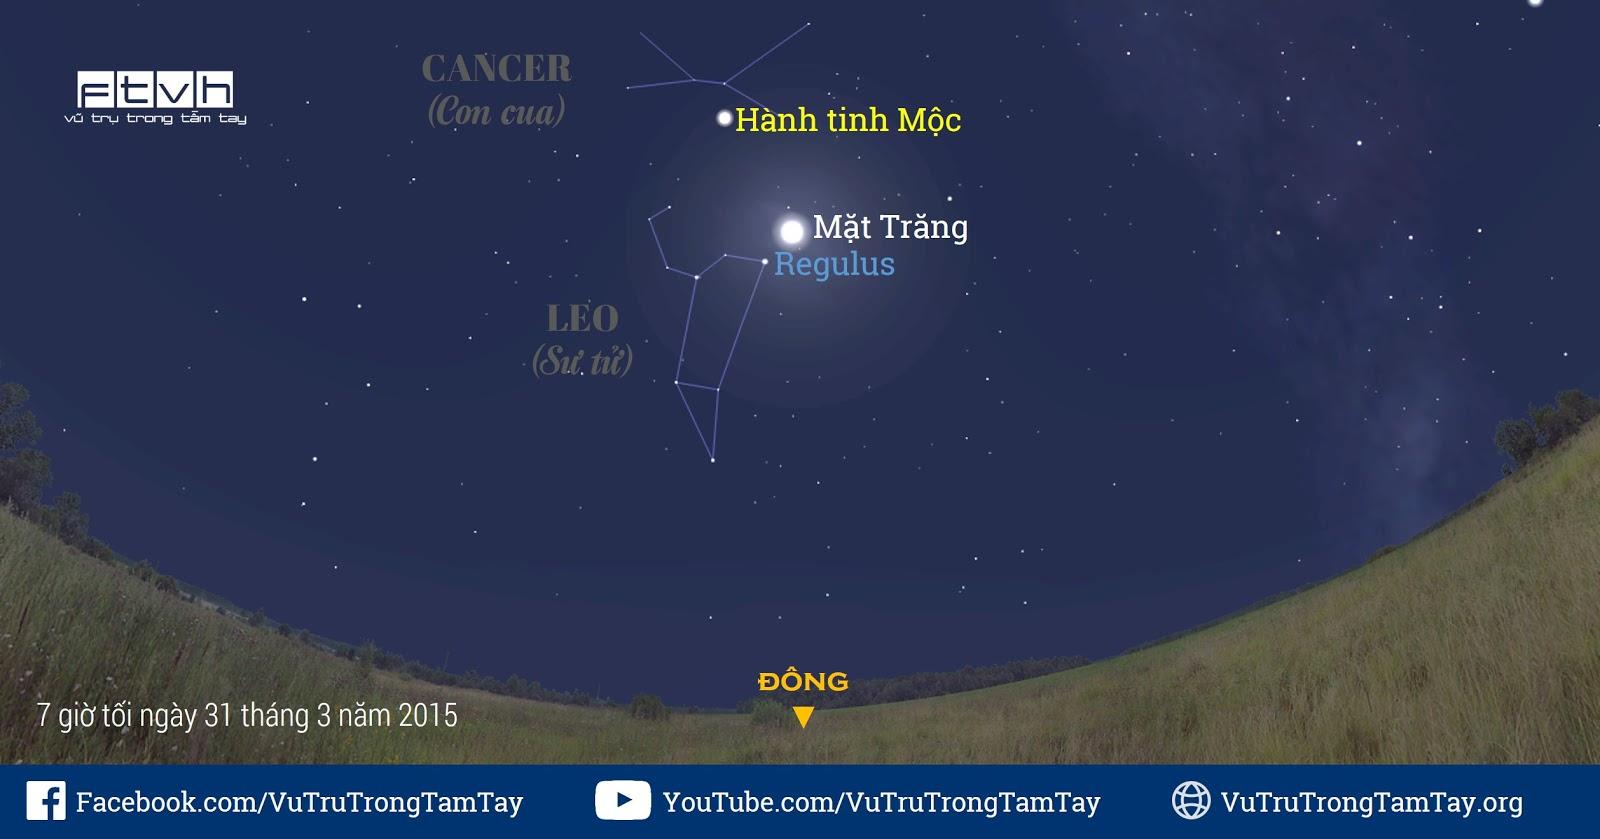 [Ftvh] Hình minh họa bầu trời hướng đông lúc 7 giờ tối ngày 31 tháng 3 năm 2015. Mặt Trăng giao hội với sao Regulus tối 31/3.